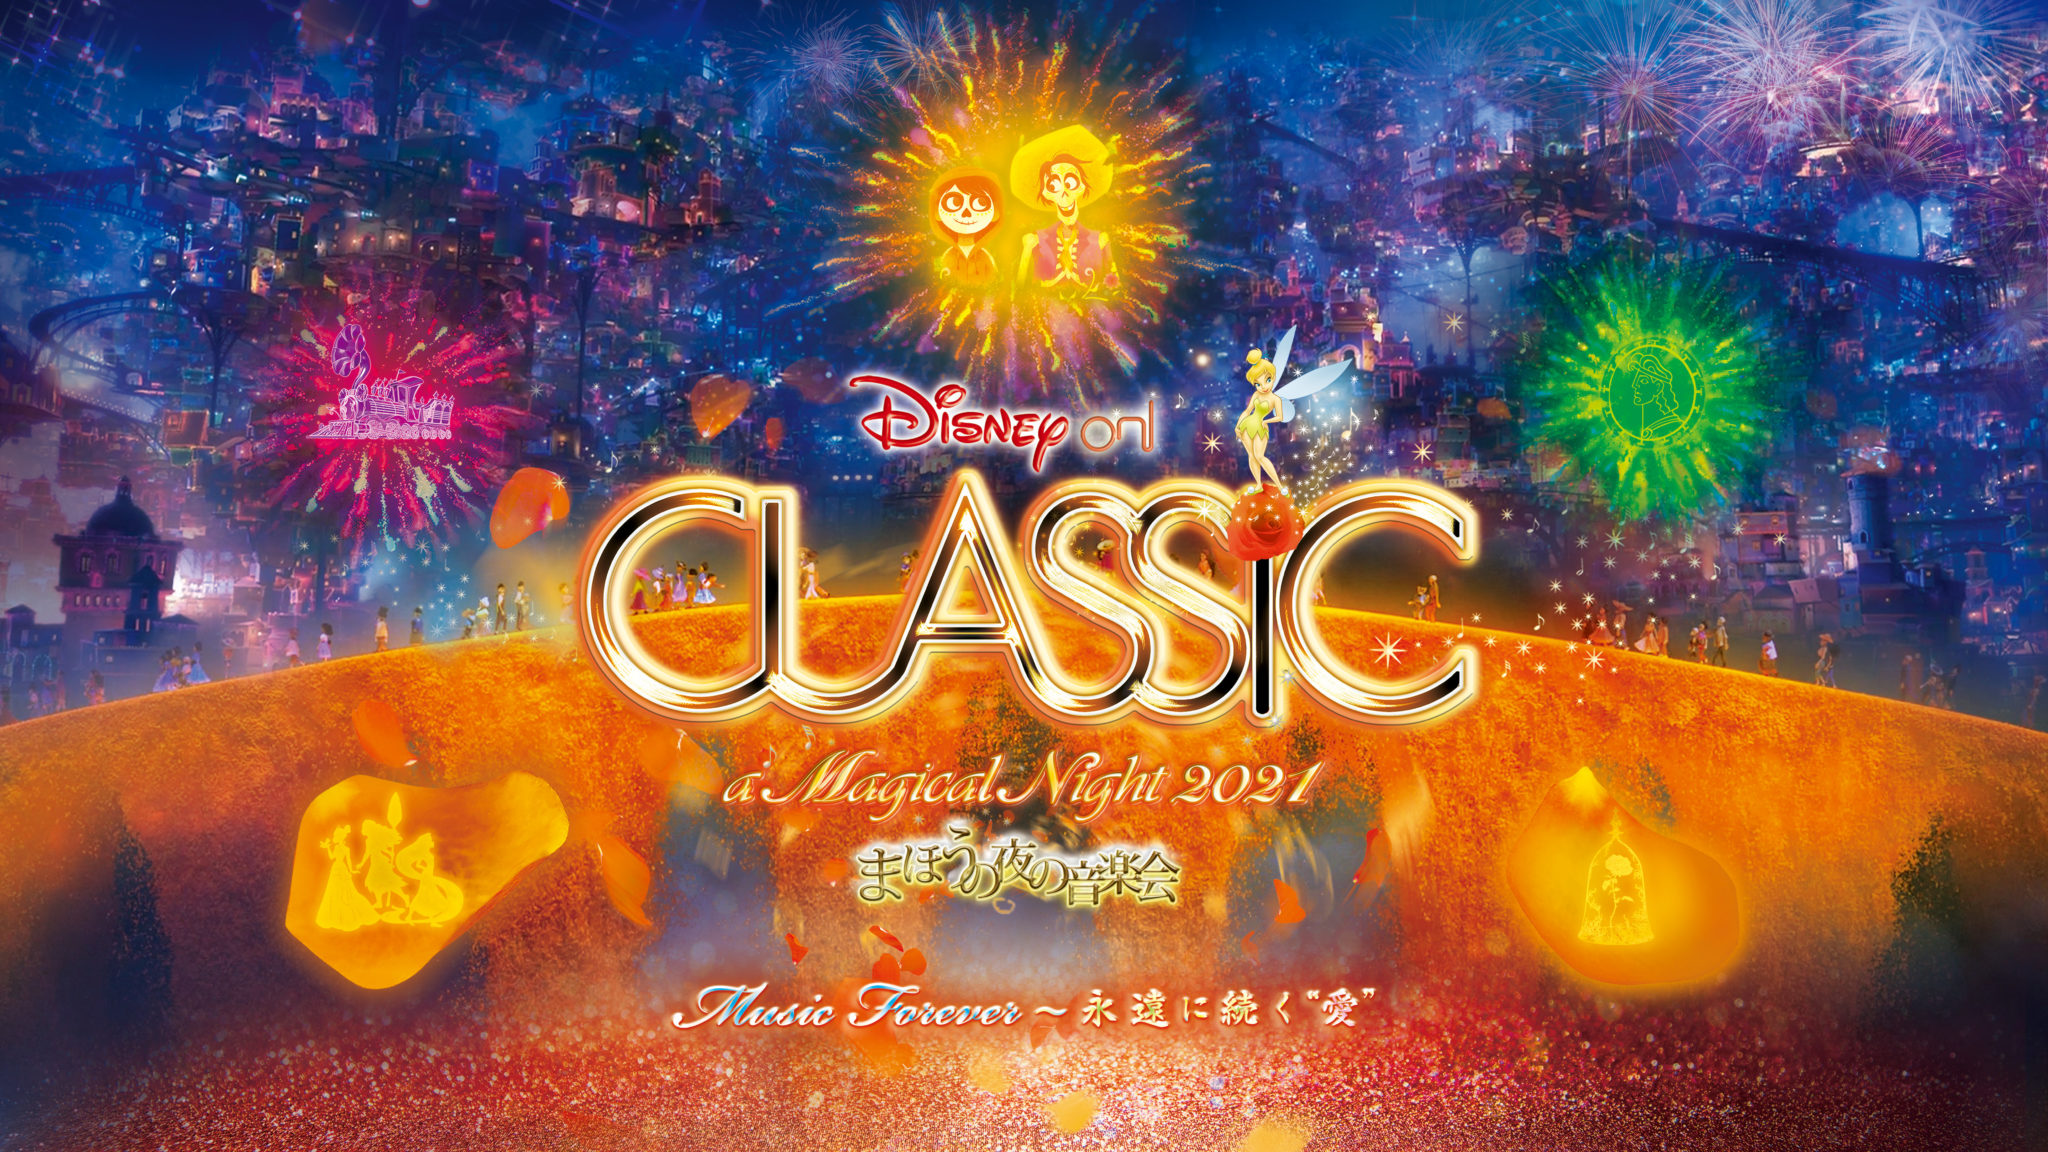 【共催】ディズニー・オン・クラシック ~まほうの夜の音楽会 2021